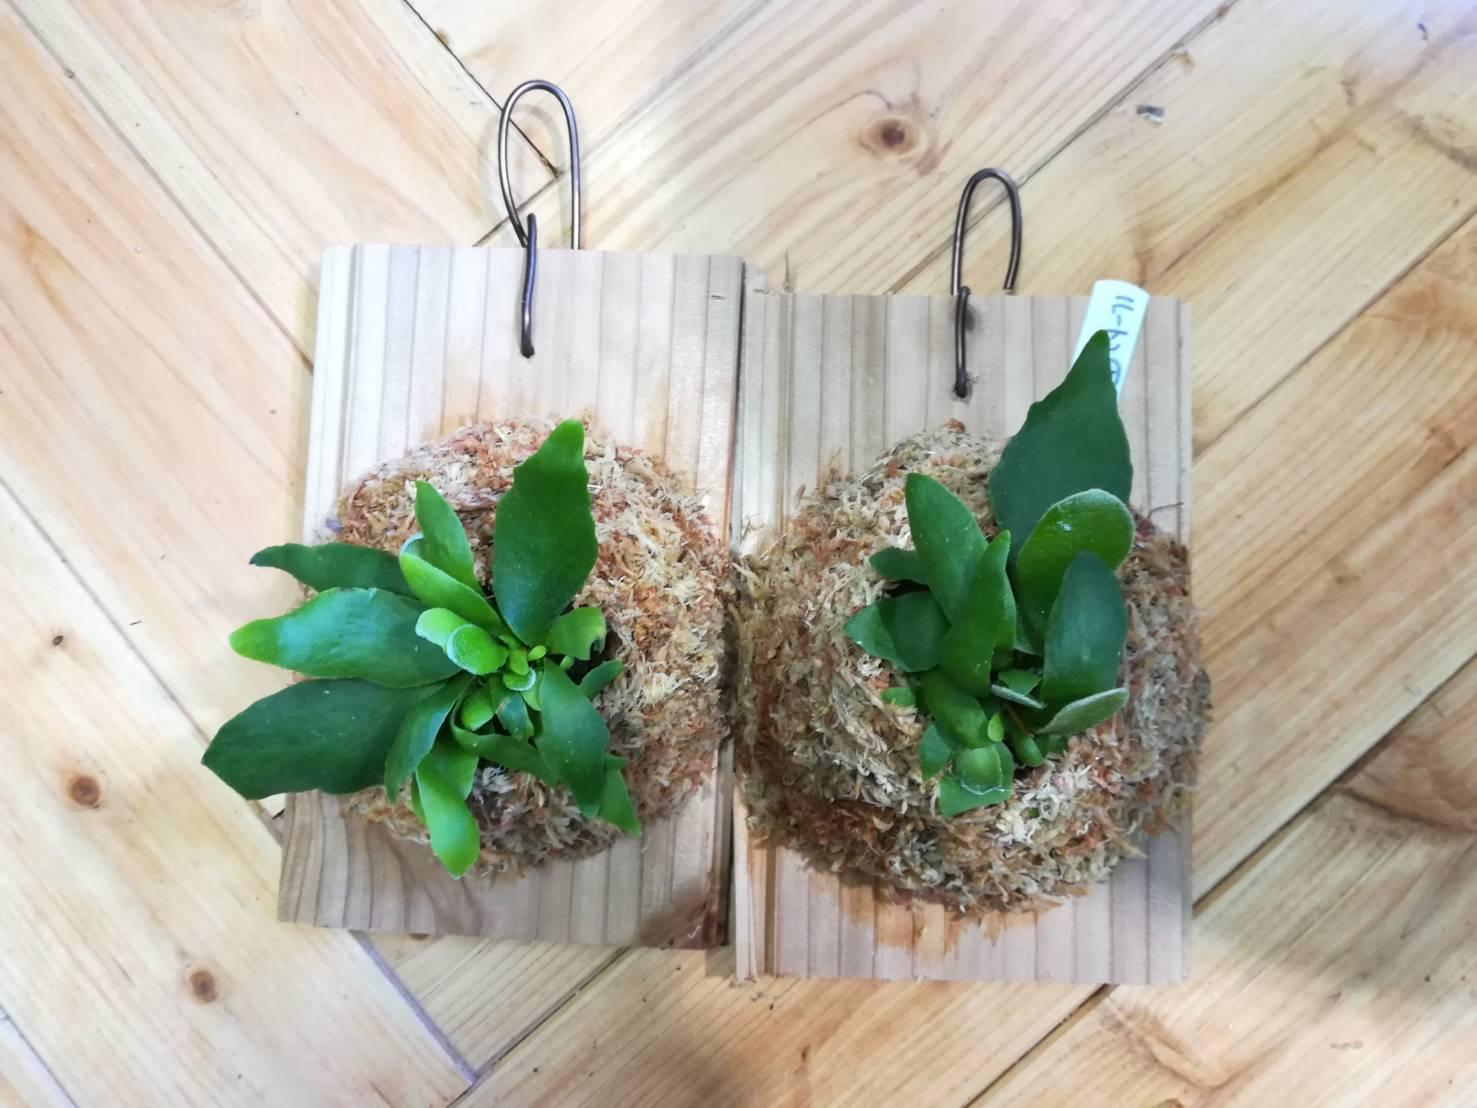 カインズホームのミニ観葉植物「プラティセリウム」を育ててみる。